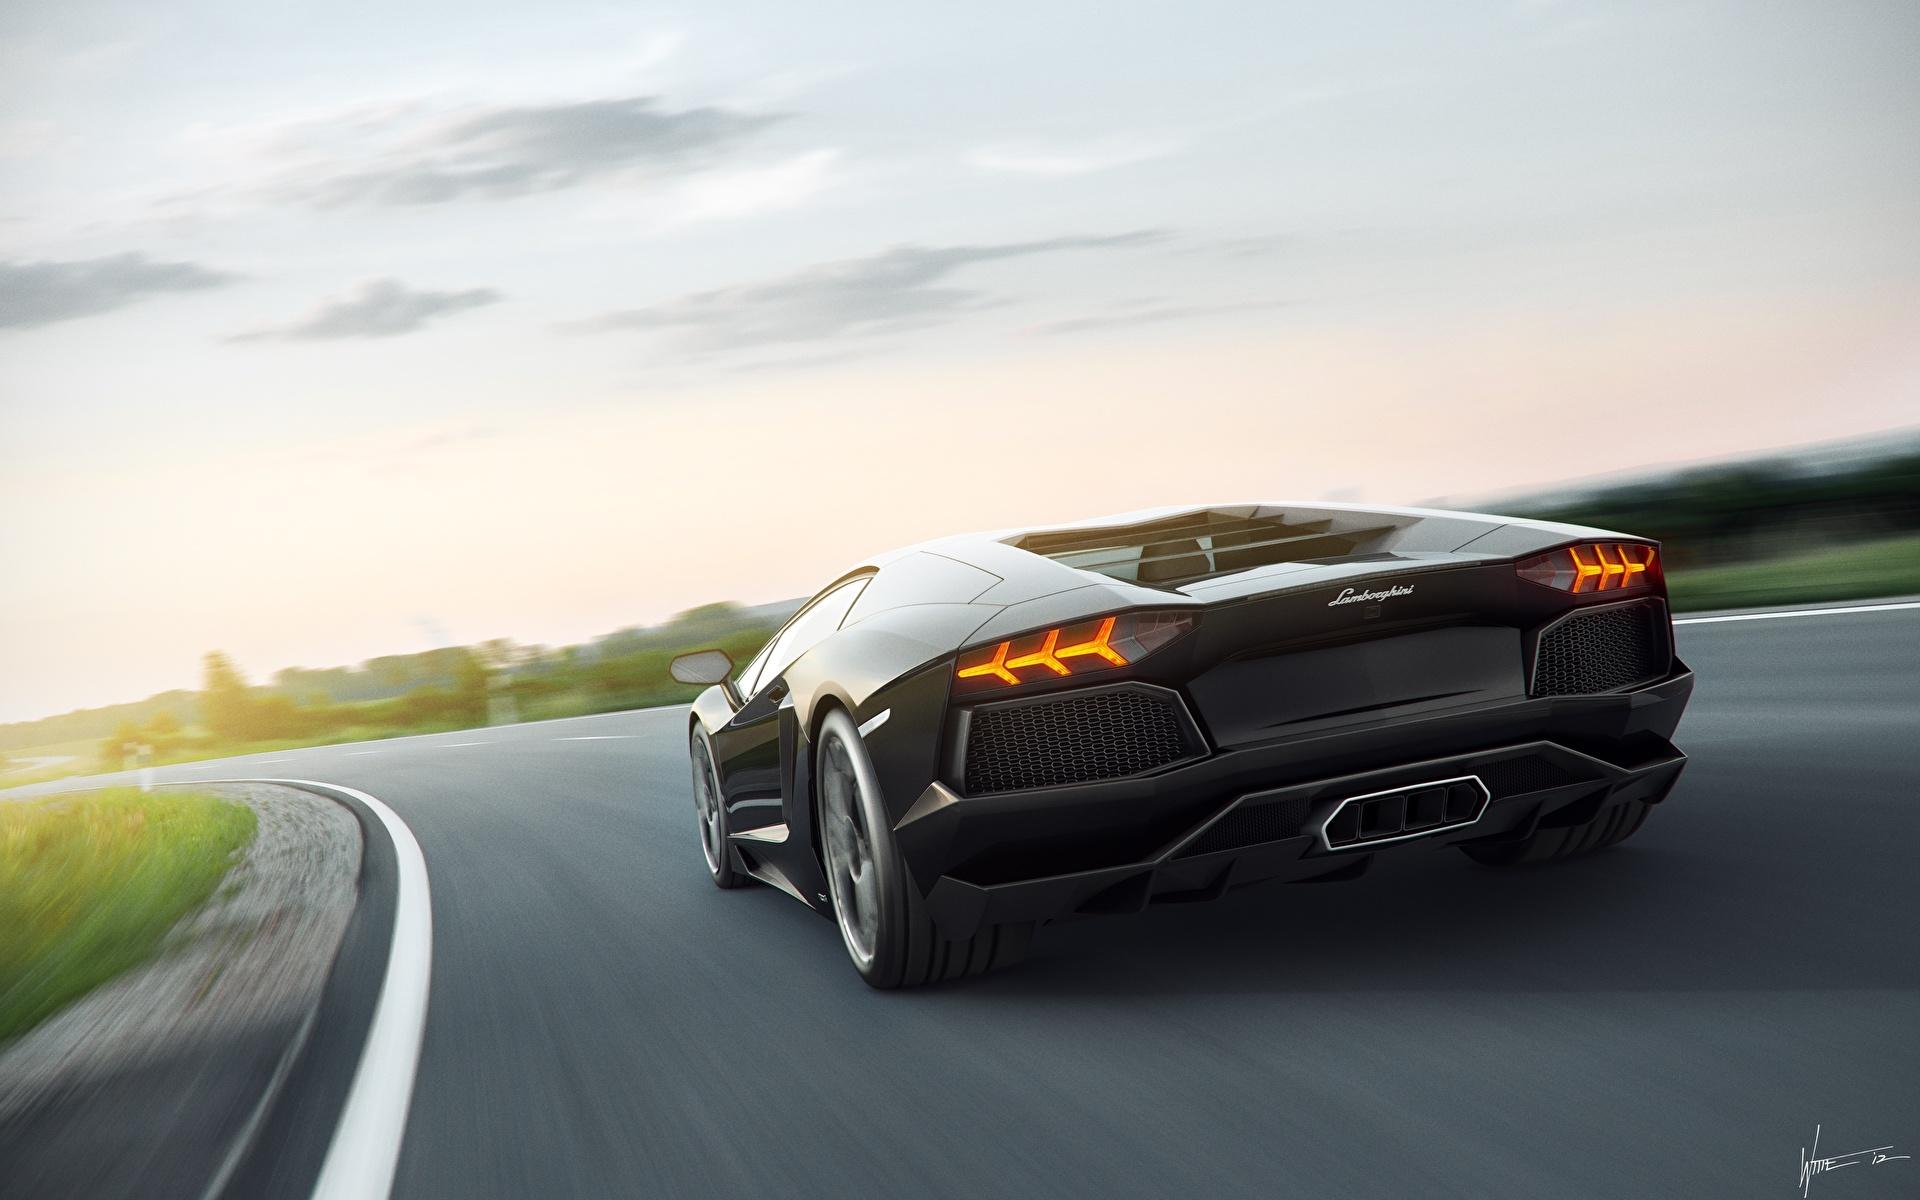 Обои Lamborghini Aventador LP 700-4 Vorsteiner Tuning Car, оранжевый, hd. Автомобили foto 15